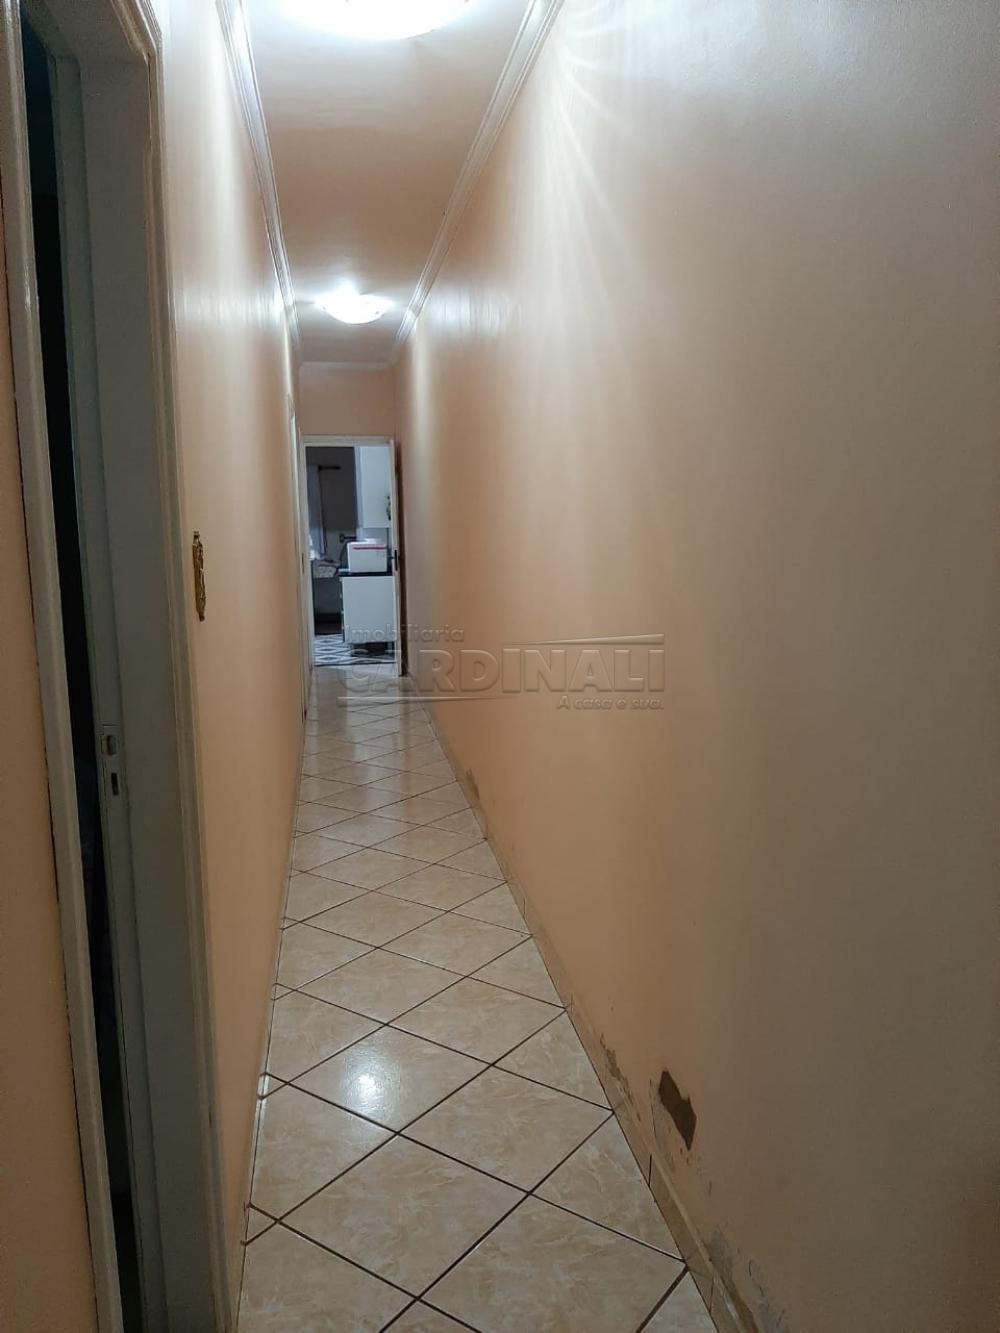 Comprar Casa / Padrão em São Carlos apenas R$ 373.000,00 - Foto 3